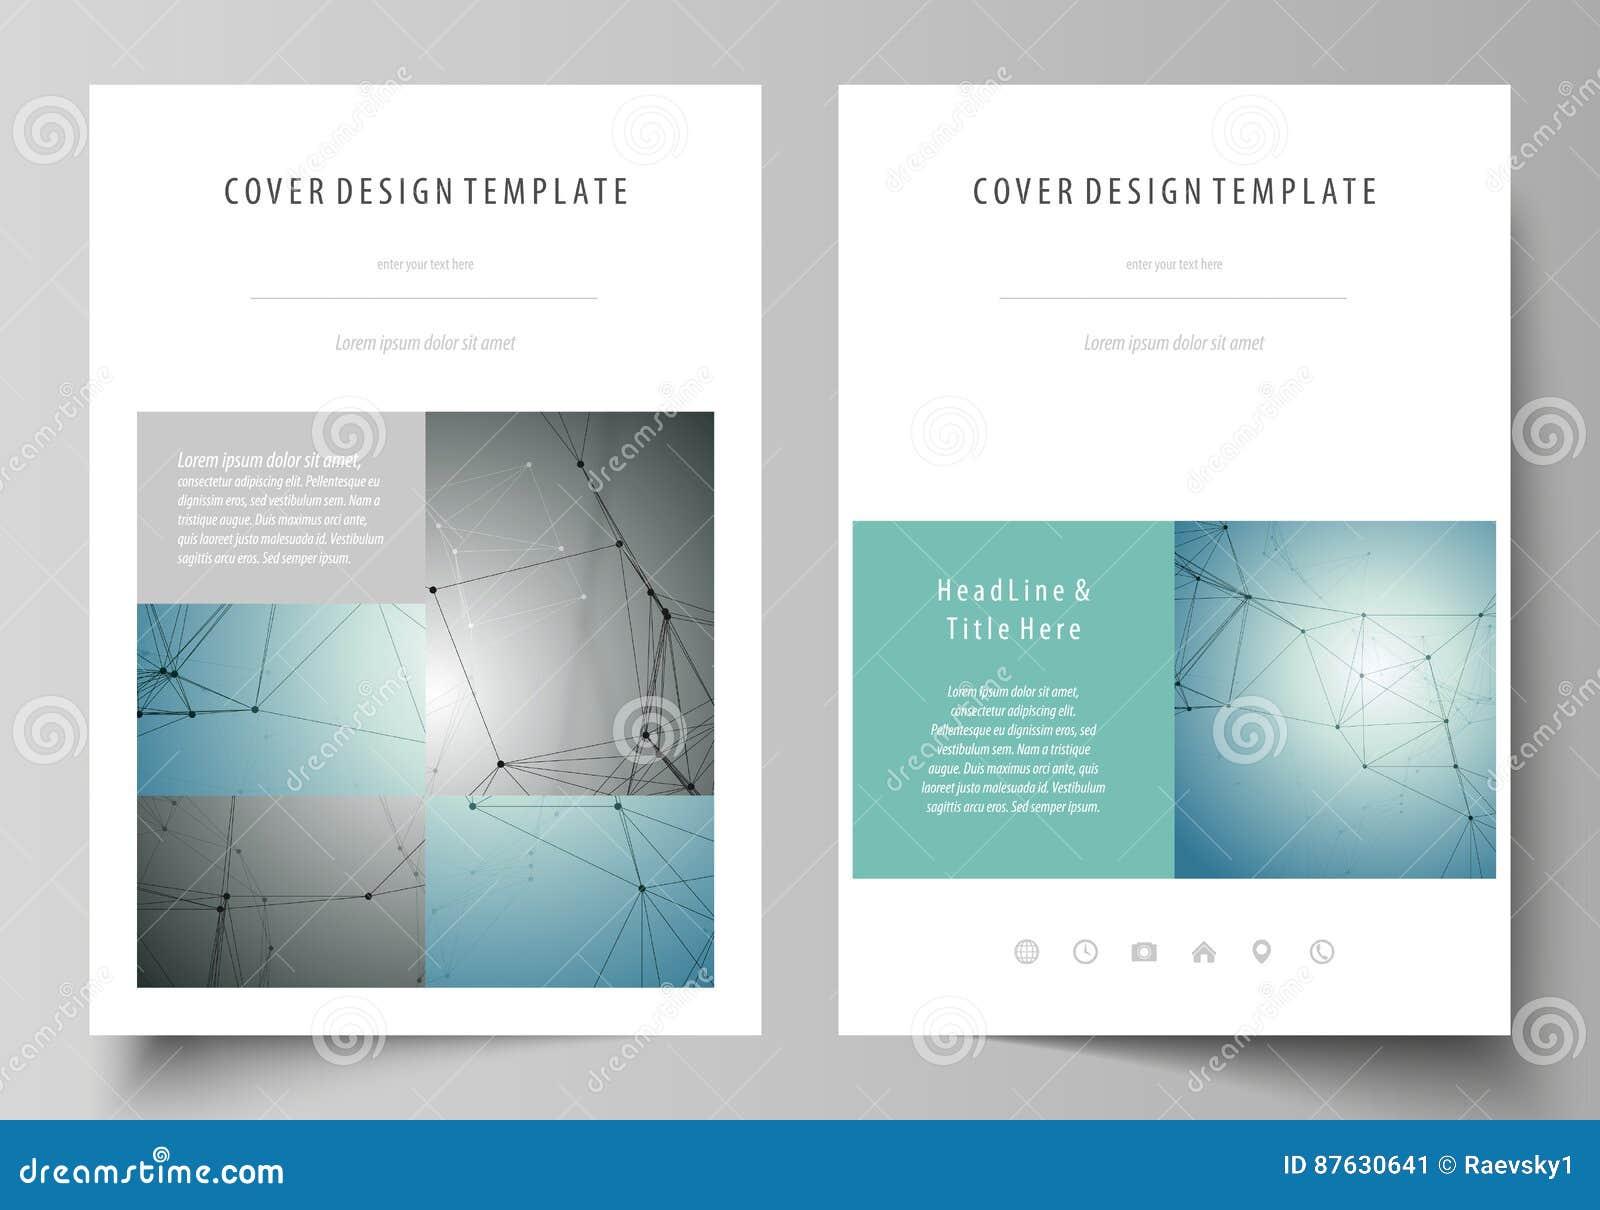 Επιχειρησιακά πρότυπα για το φυλλάδιο, περιοδικό, ιπτάμενο, βιβλιάριο, έκθεση Πρότυπο σχεδίου κάλυψης, διανυσματικό σχεδιάγραμμα